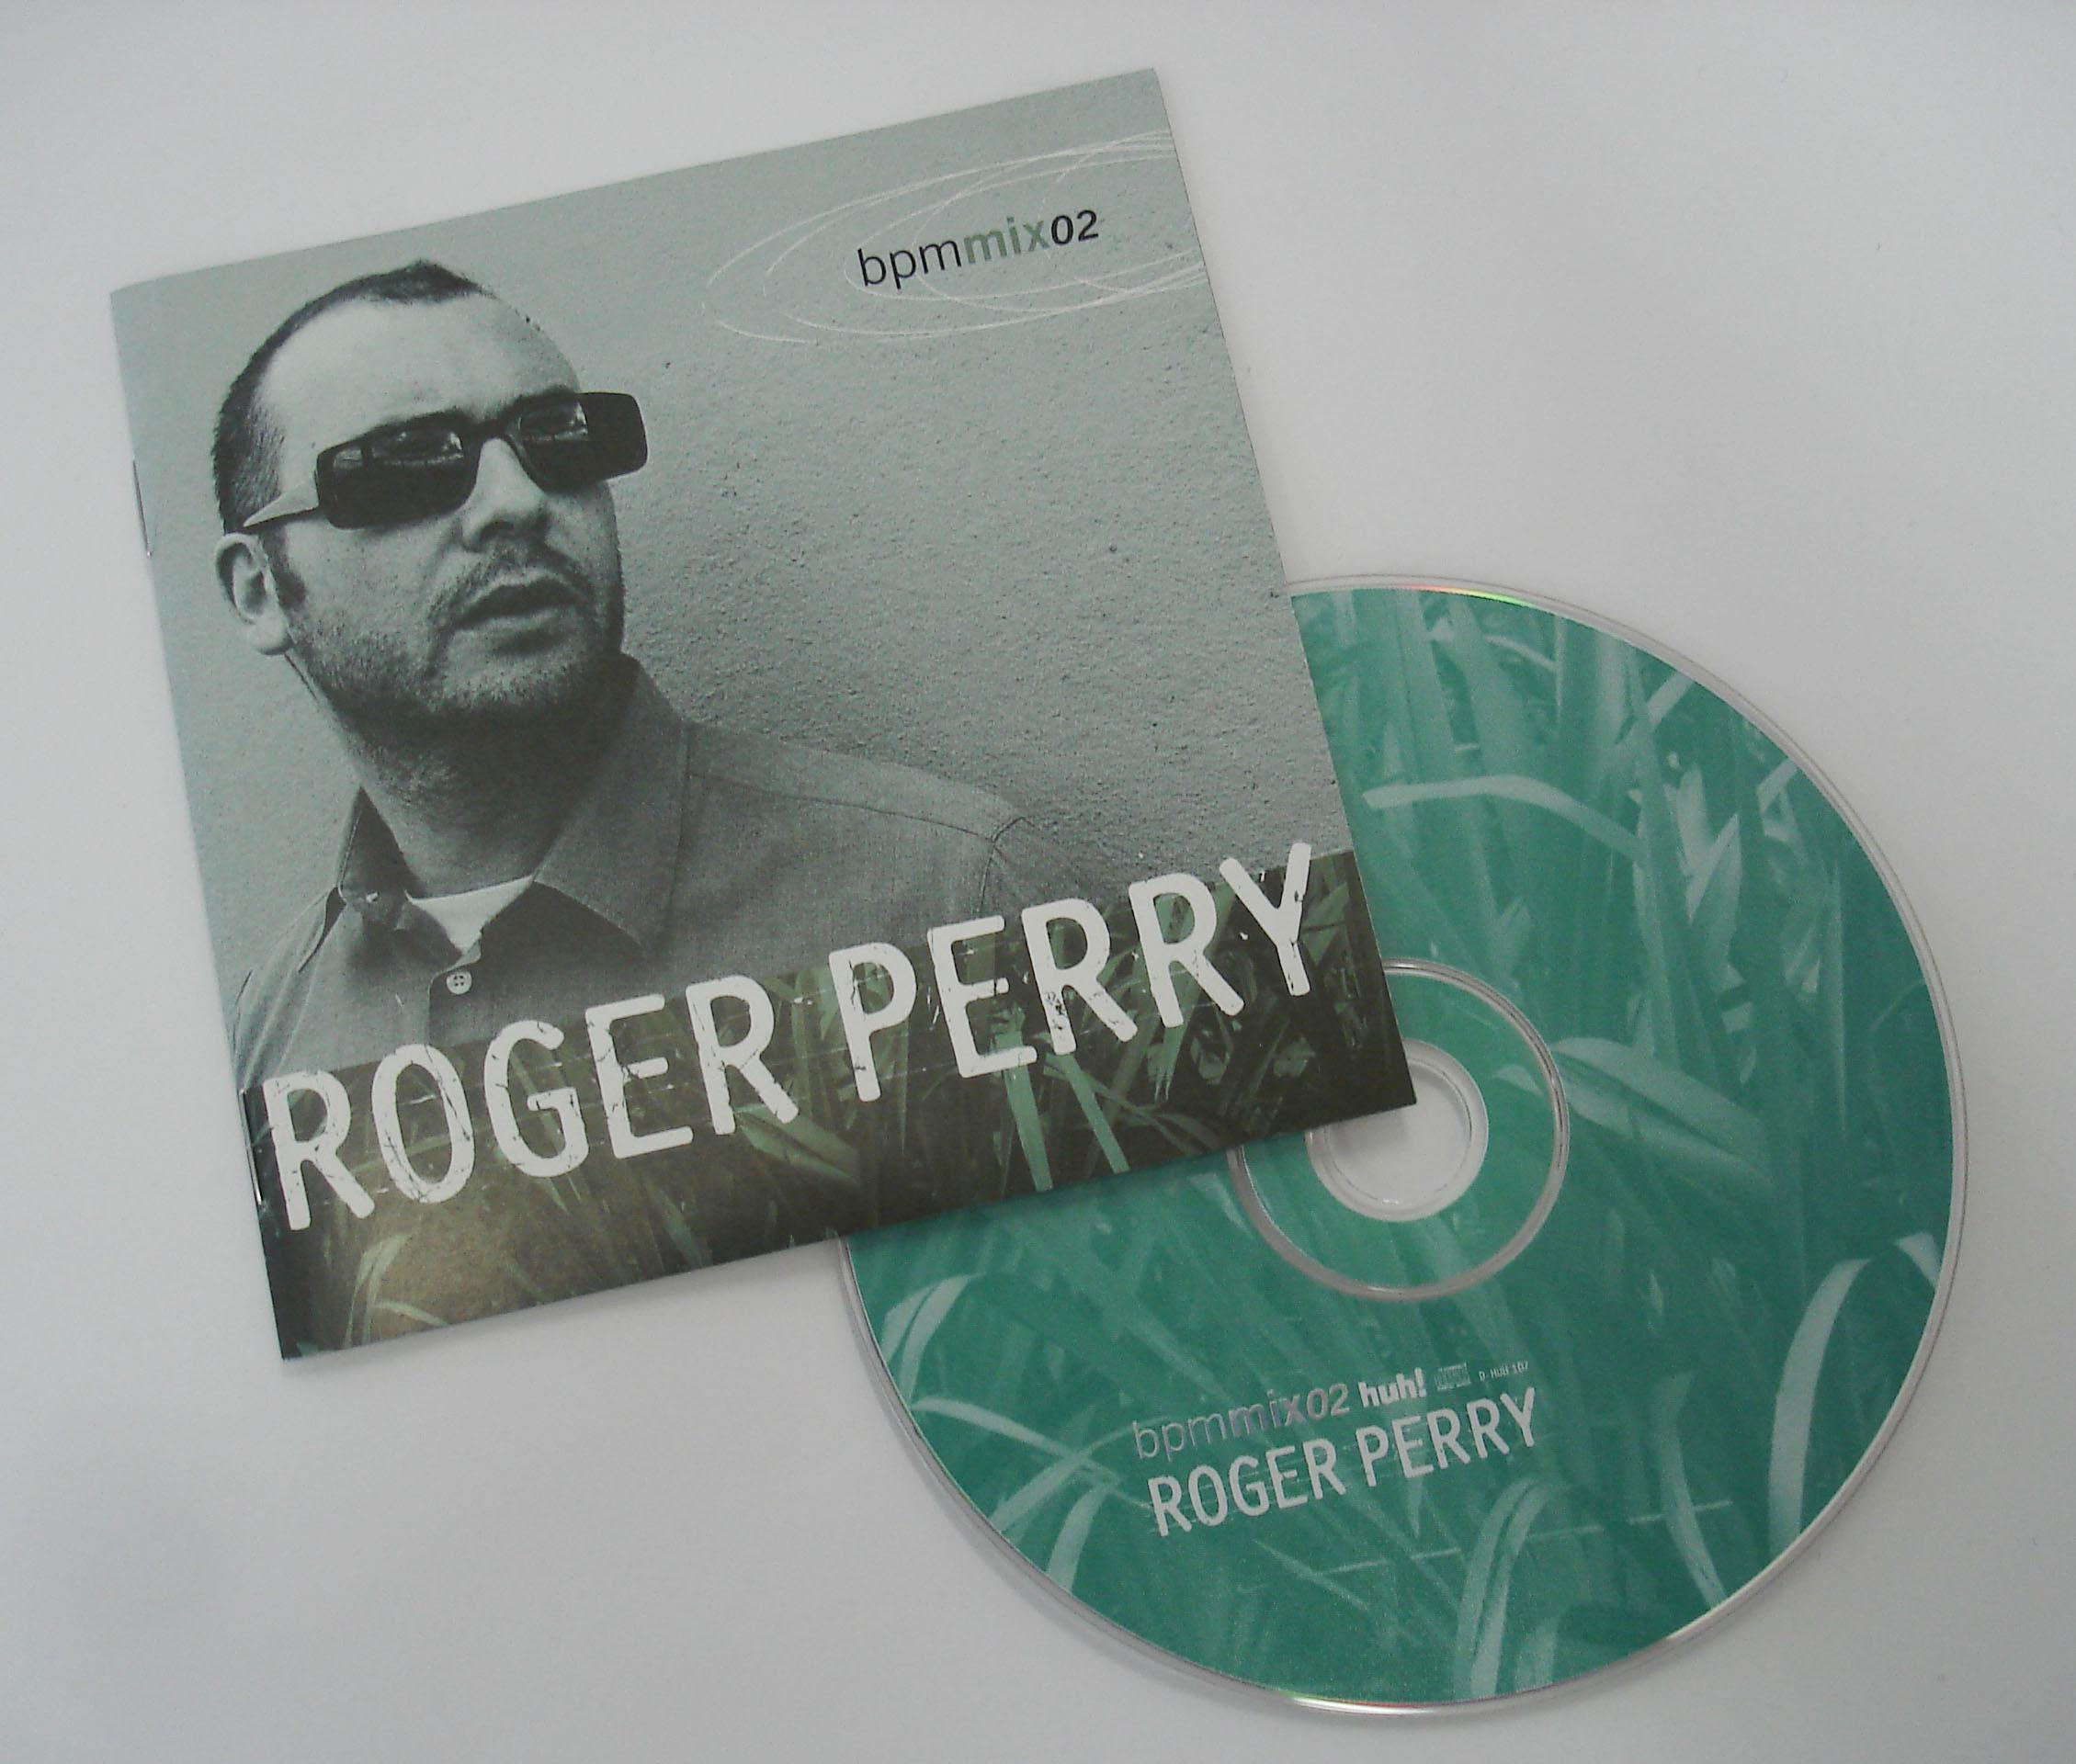 ROGER PERRY - BPM MIX 02 - ALBUM